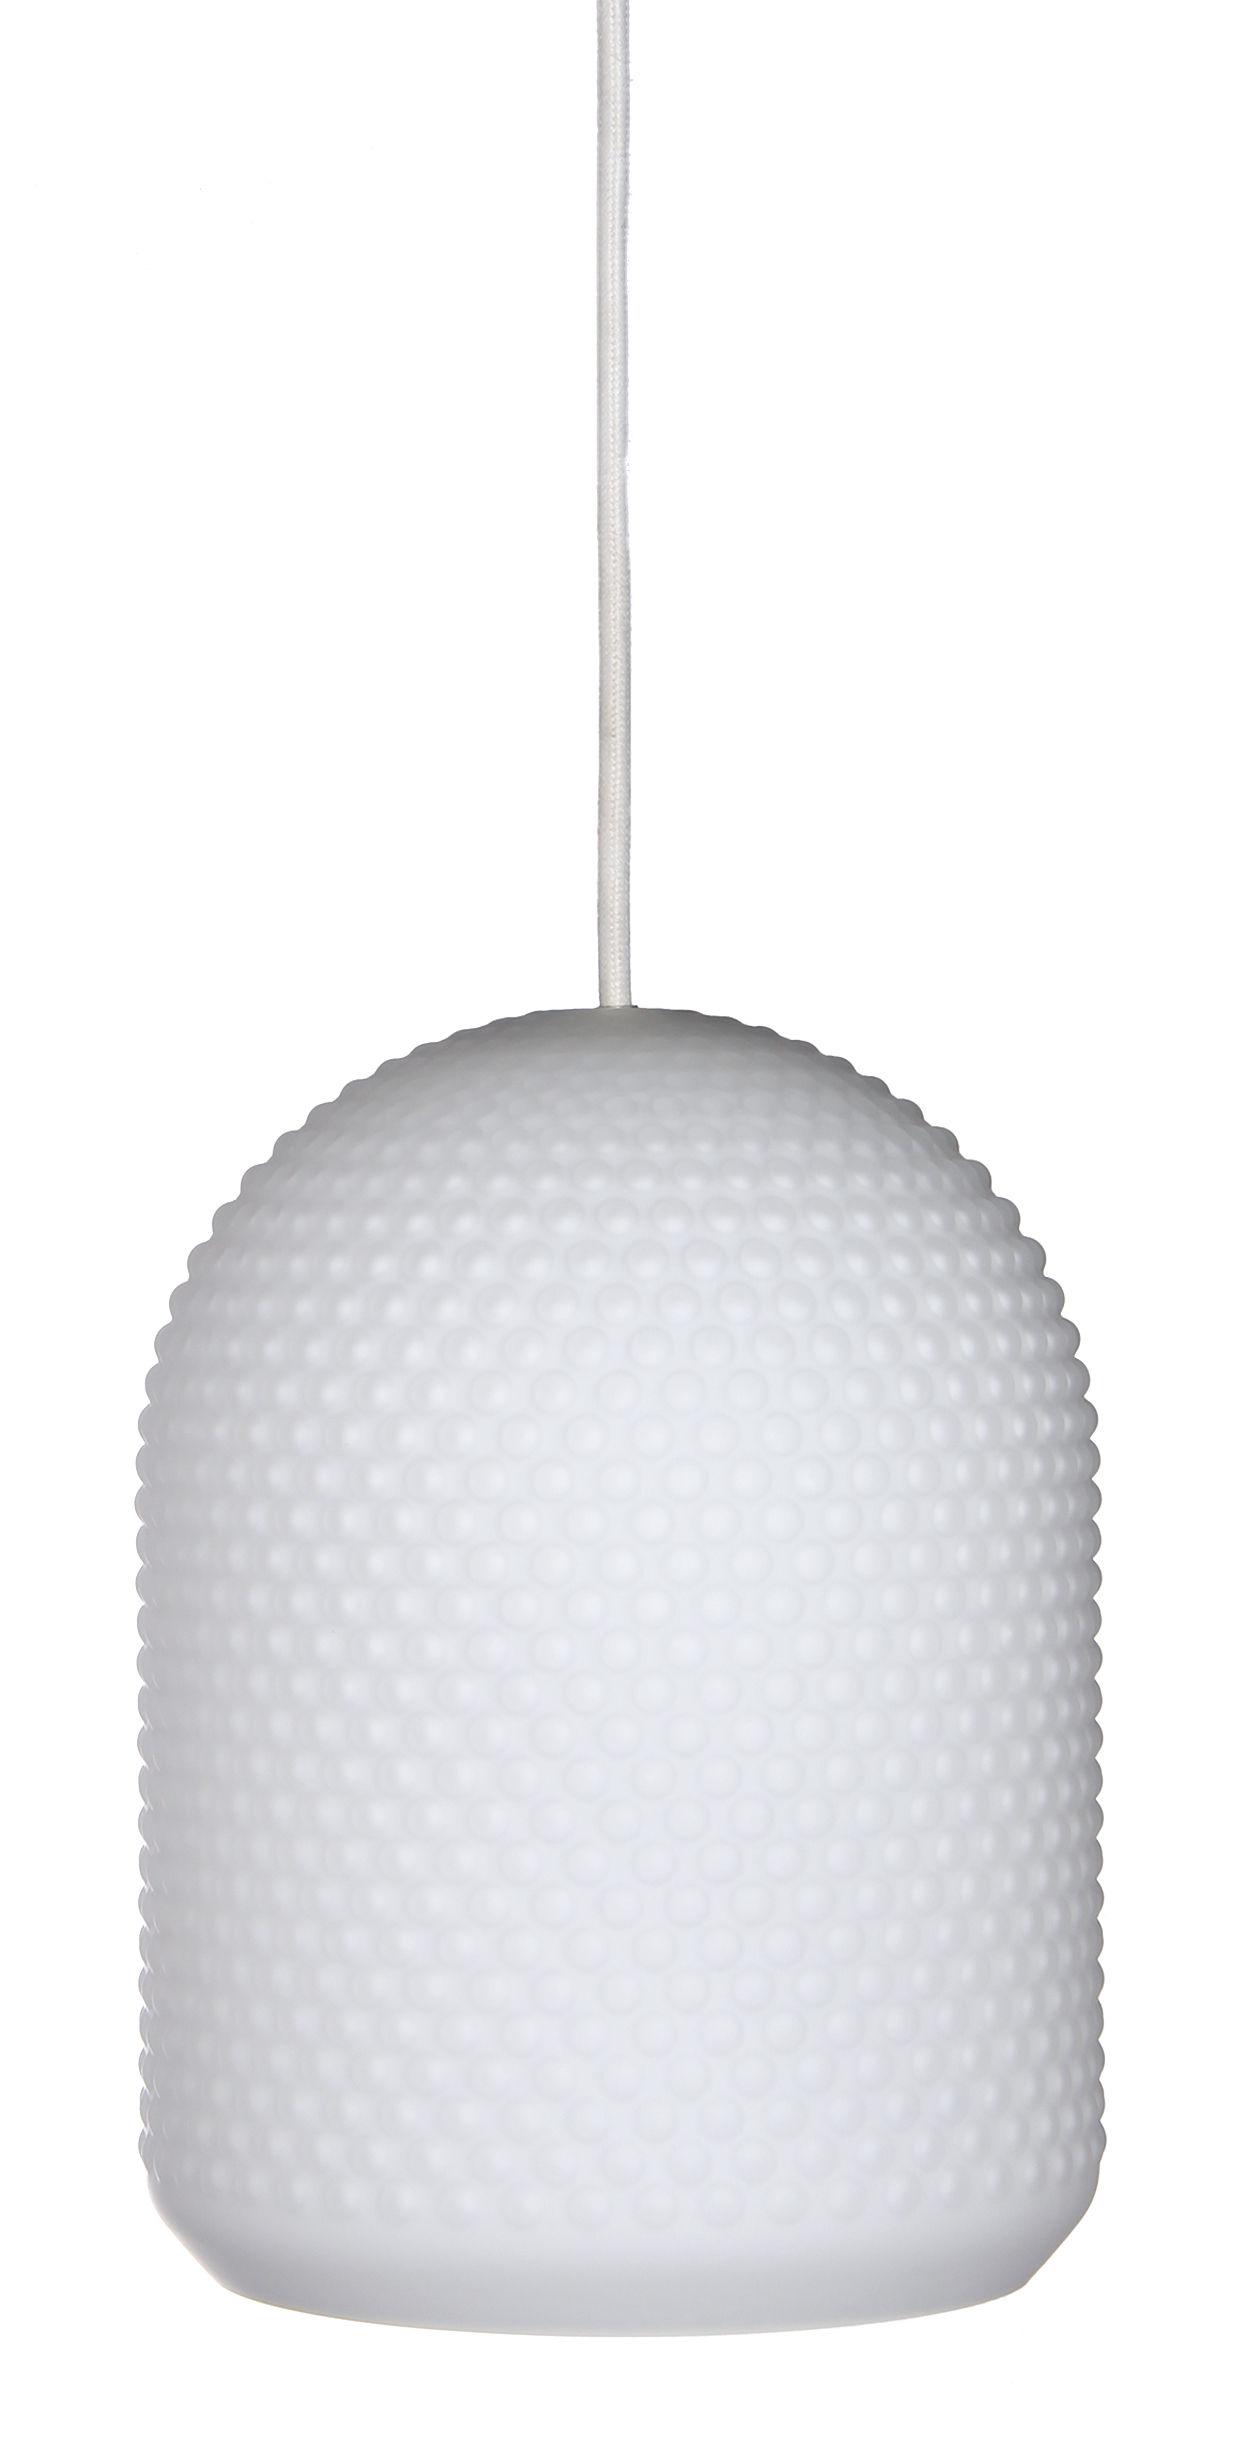 Luminaire - Suspensions - Suspension Shape 3 / Verre - Frandsen - Blanc - Verre